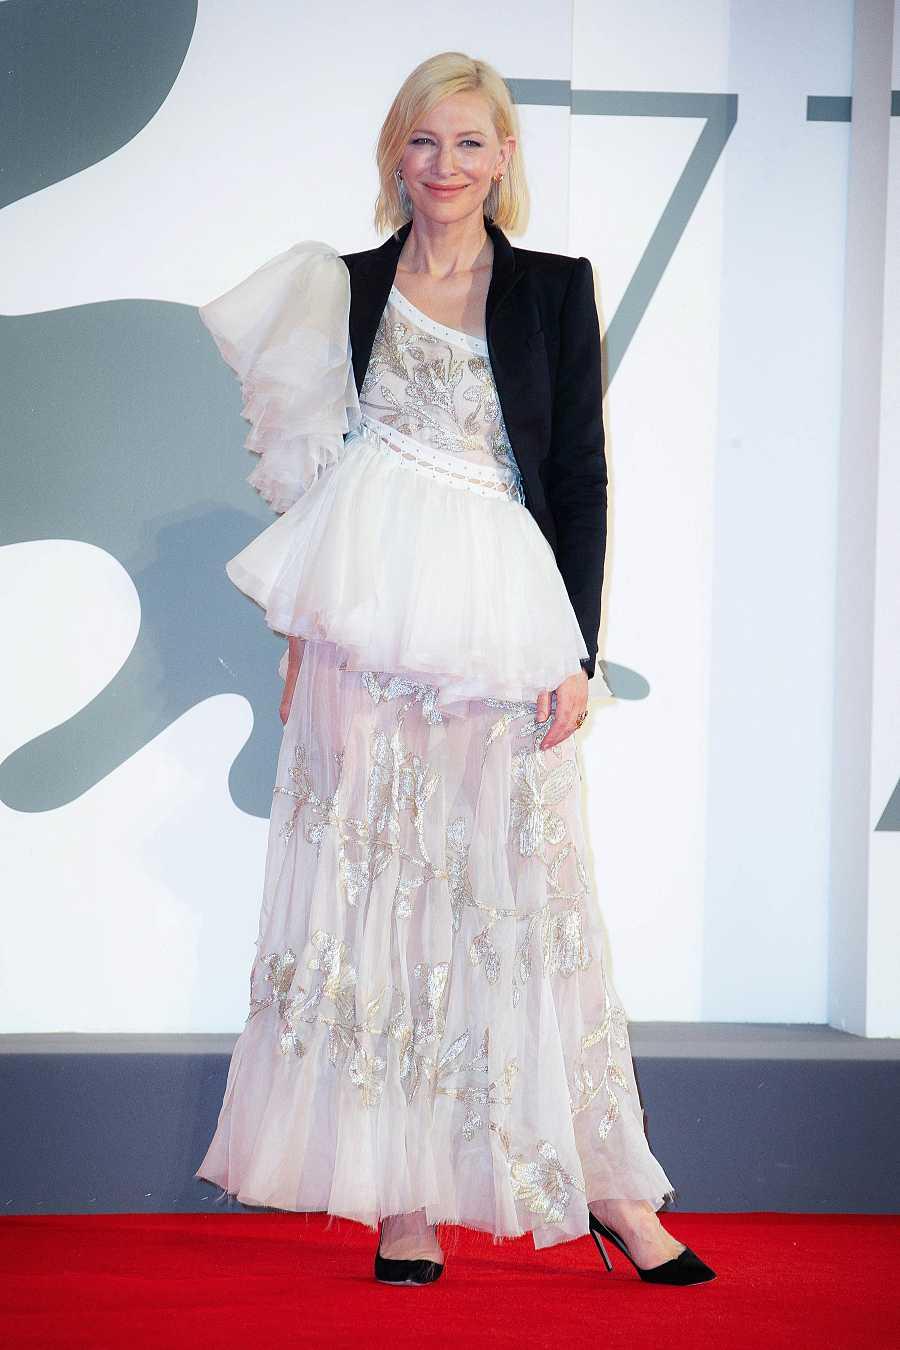 Cate Blanchett en la premiere de la película Love After Love